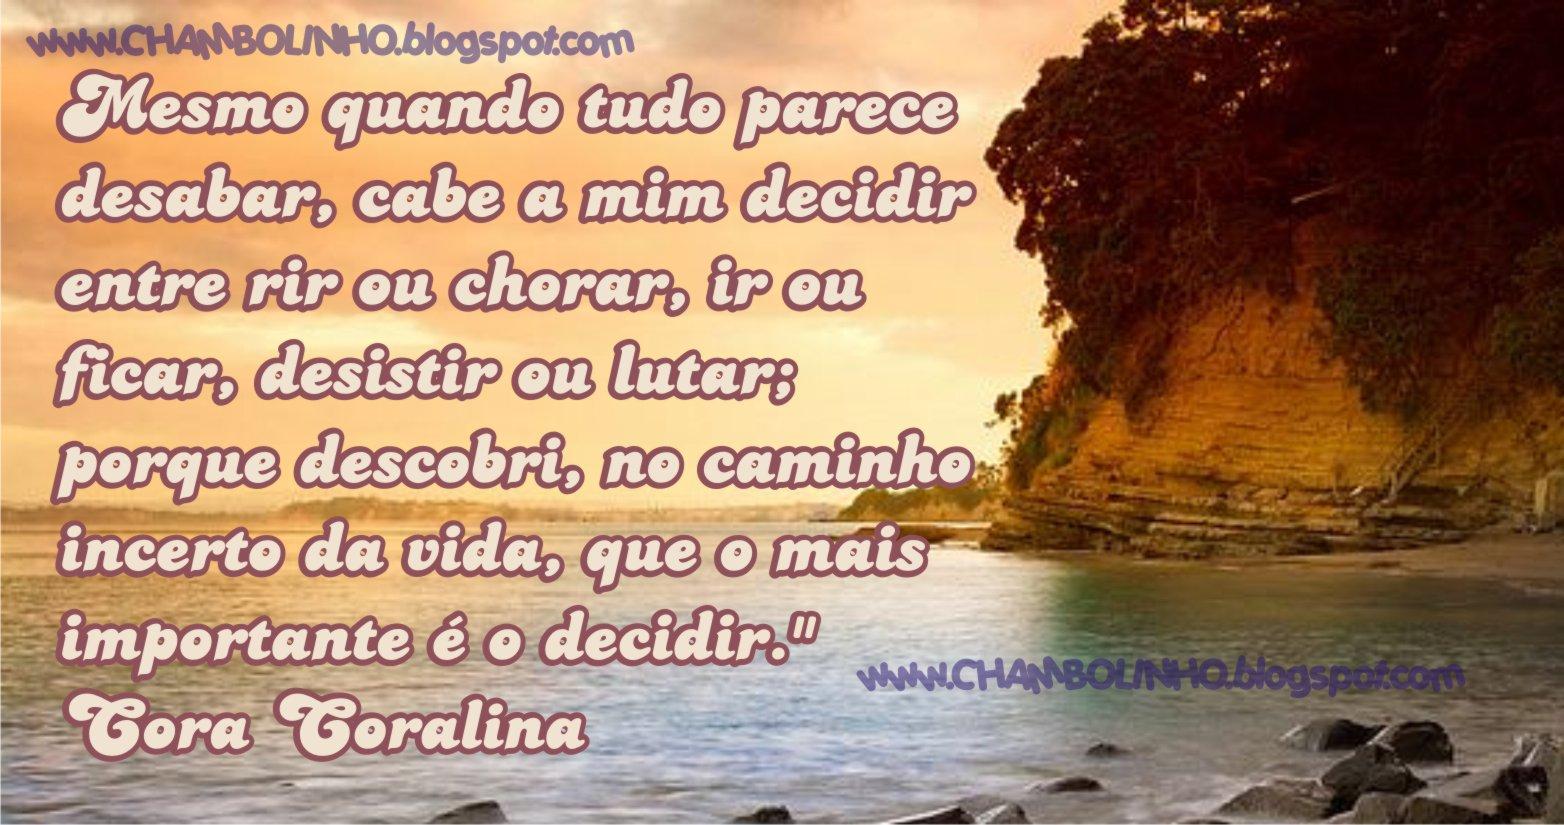 Super Recadinho Frase Cora Coralina | Chambolinho Recados para Whatsapp WG09